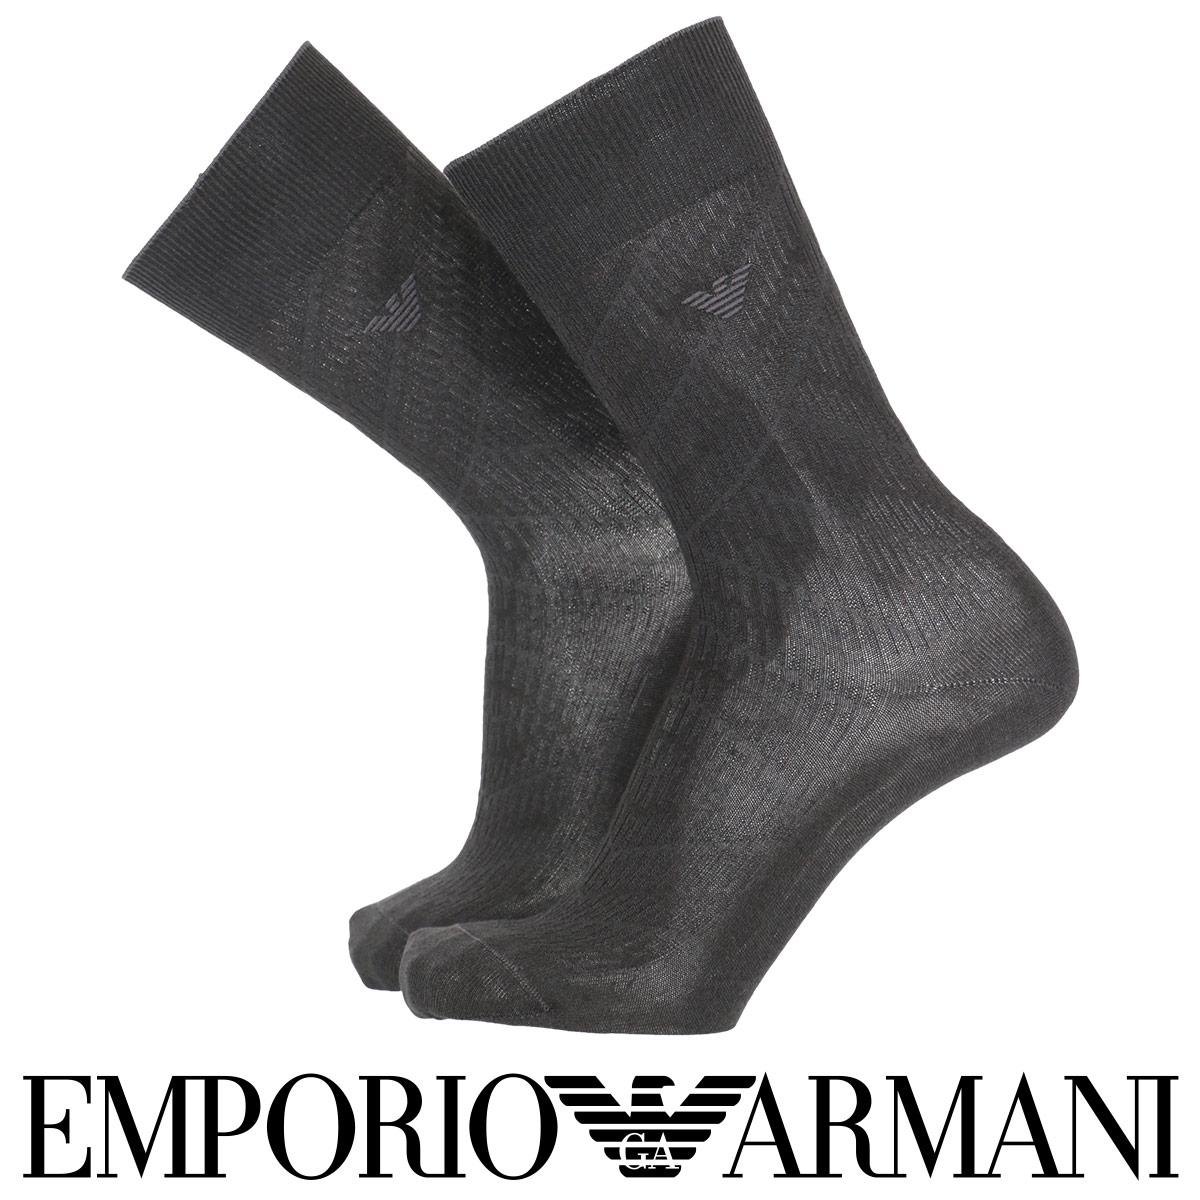 EMPORIO ARMANI  ( エンポリオ アルマーニ ) 綿混 メンズ ソックス 靴下  リンクス柄 クルー丈 ビジネス ソックス 男性 メンズ プレゼント 贈答 ギフト 2312-436【ゆうパケット・4点まで】